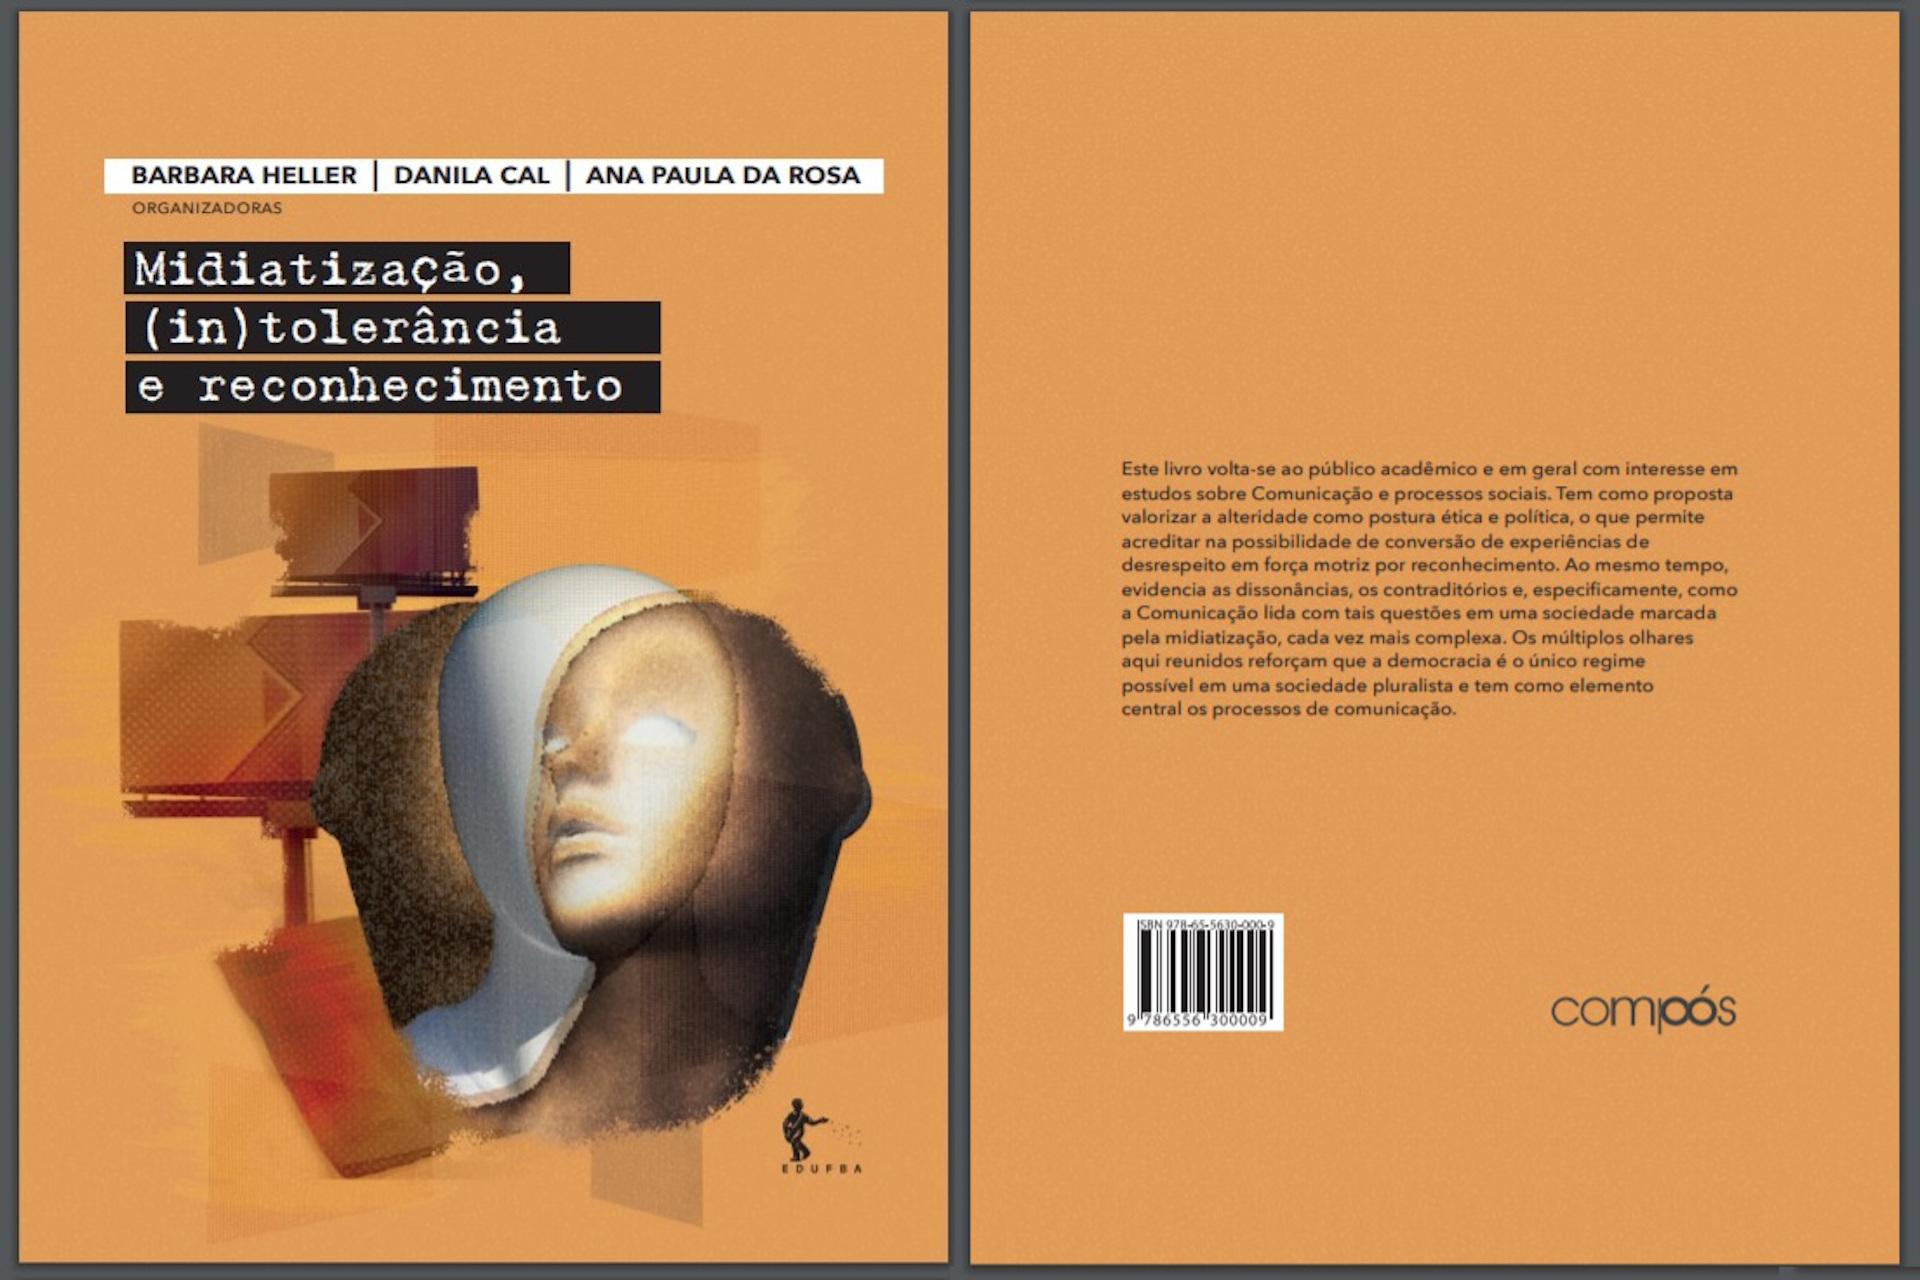 Compós publica livro sobre midiatização, intolerância e reconhecimento com capítulo de professor do PPGCOM